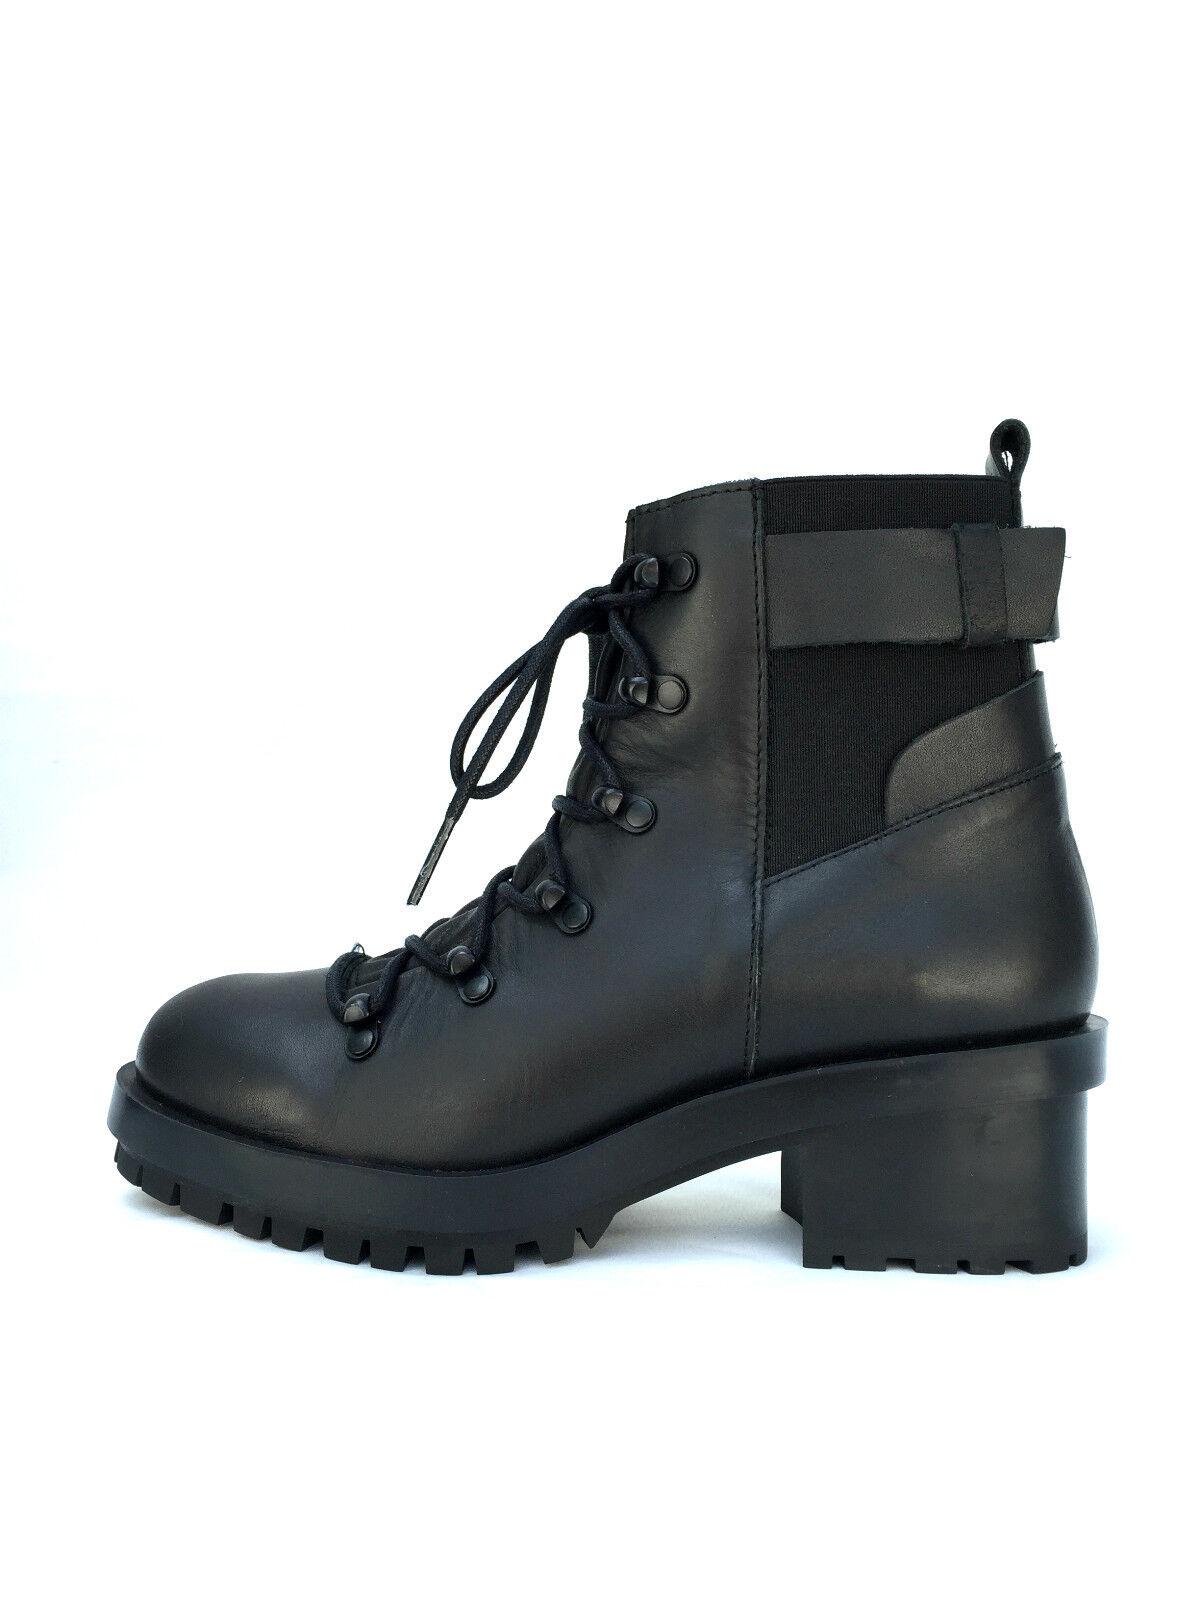 Zara Botines Cuero Negro Cordones Con Cordones Negro Botines Zara Motero Zapatos 329510